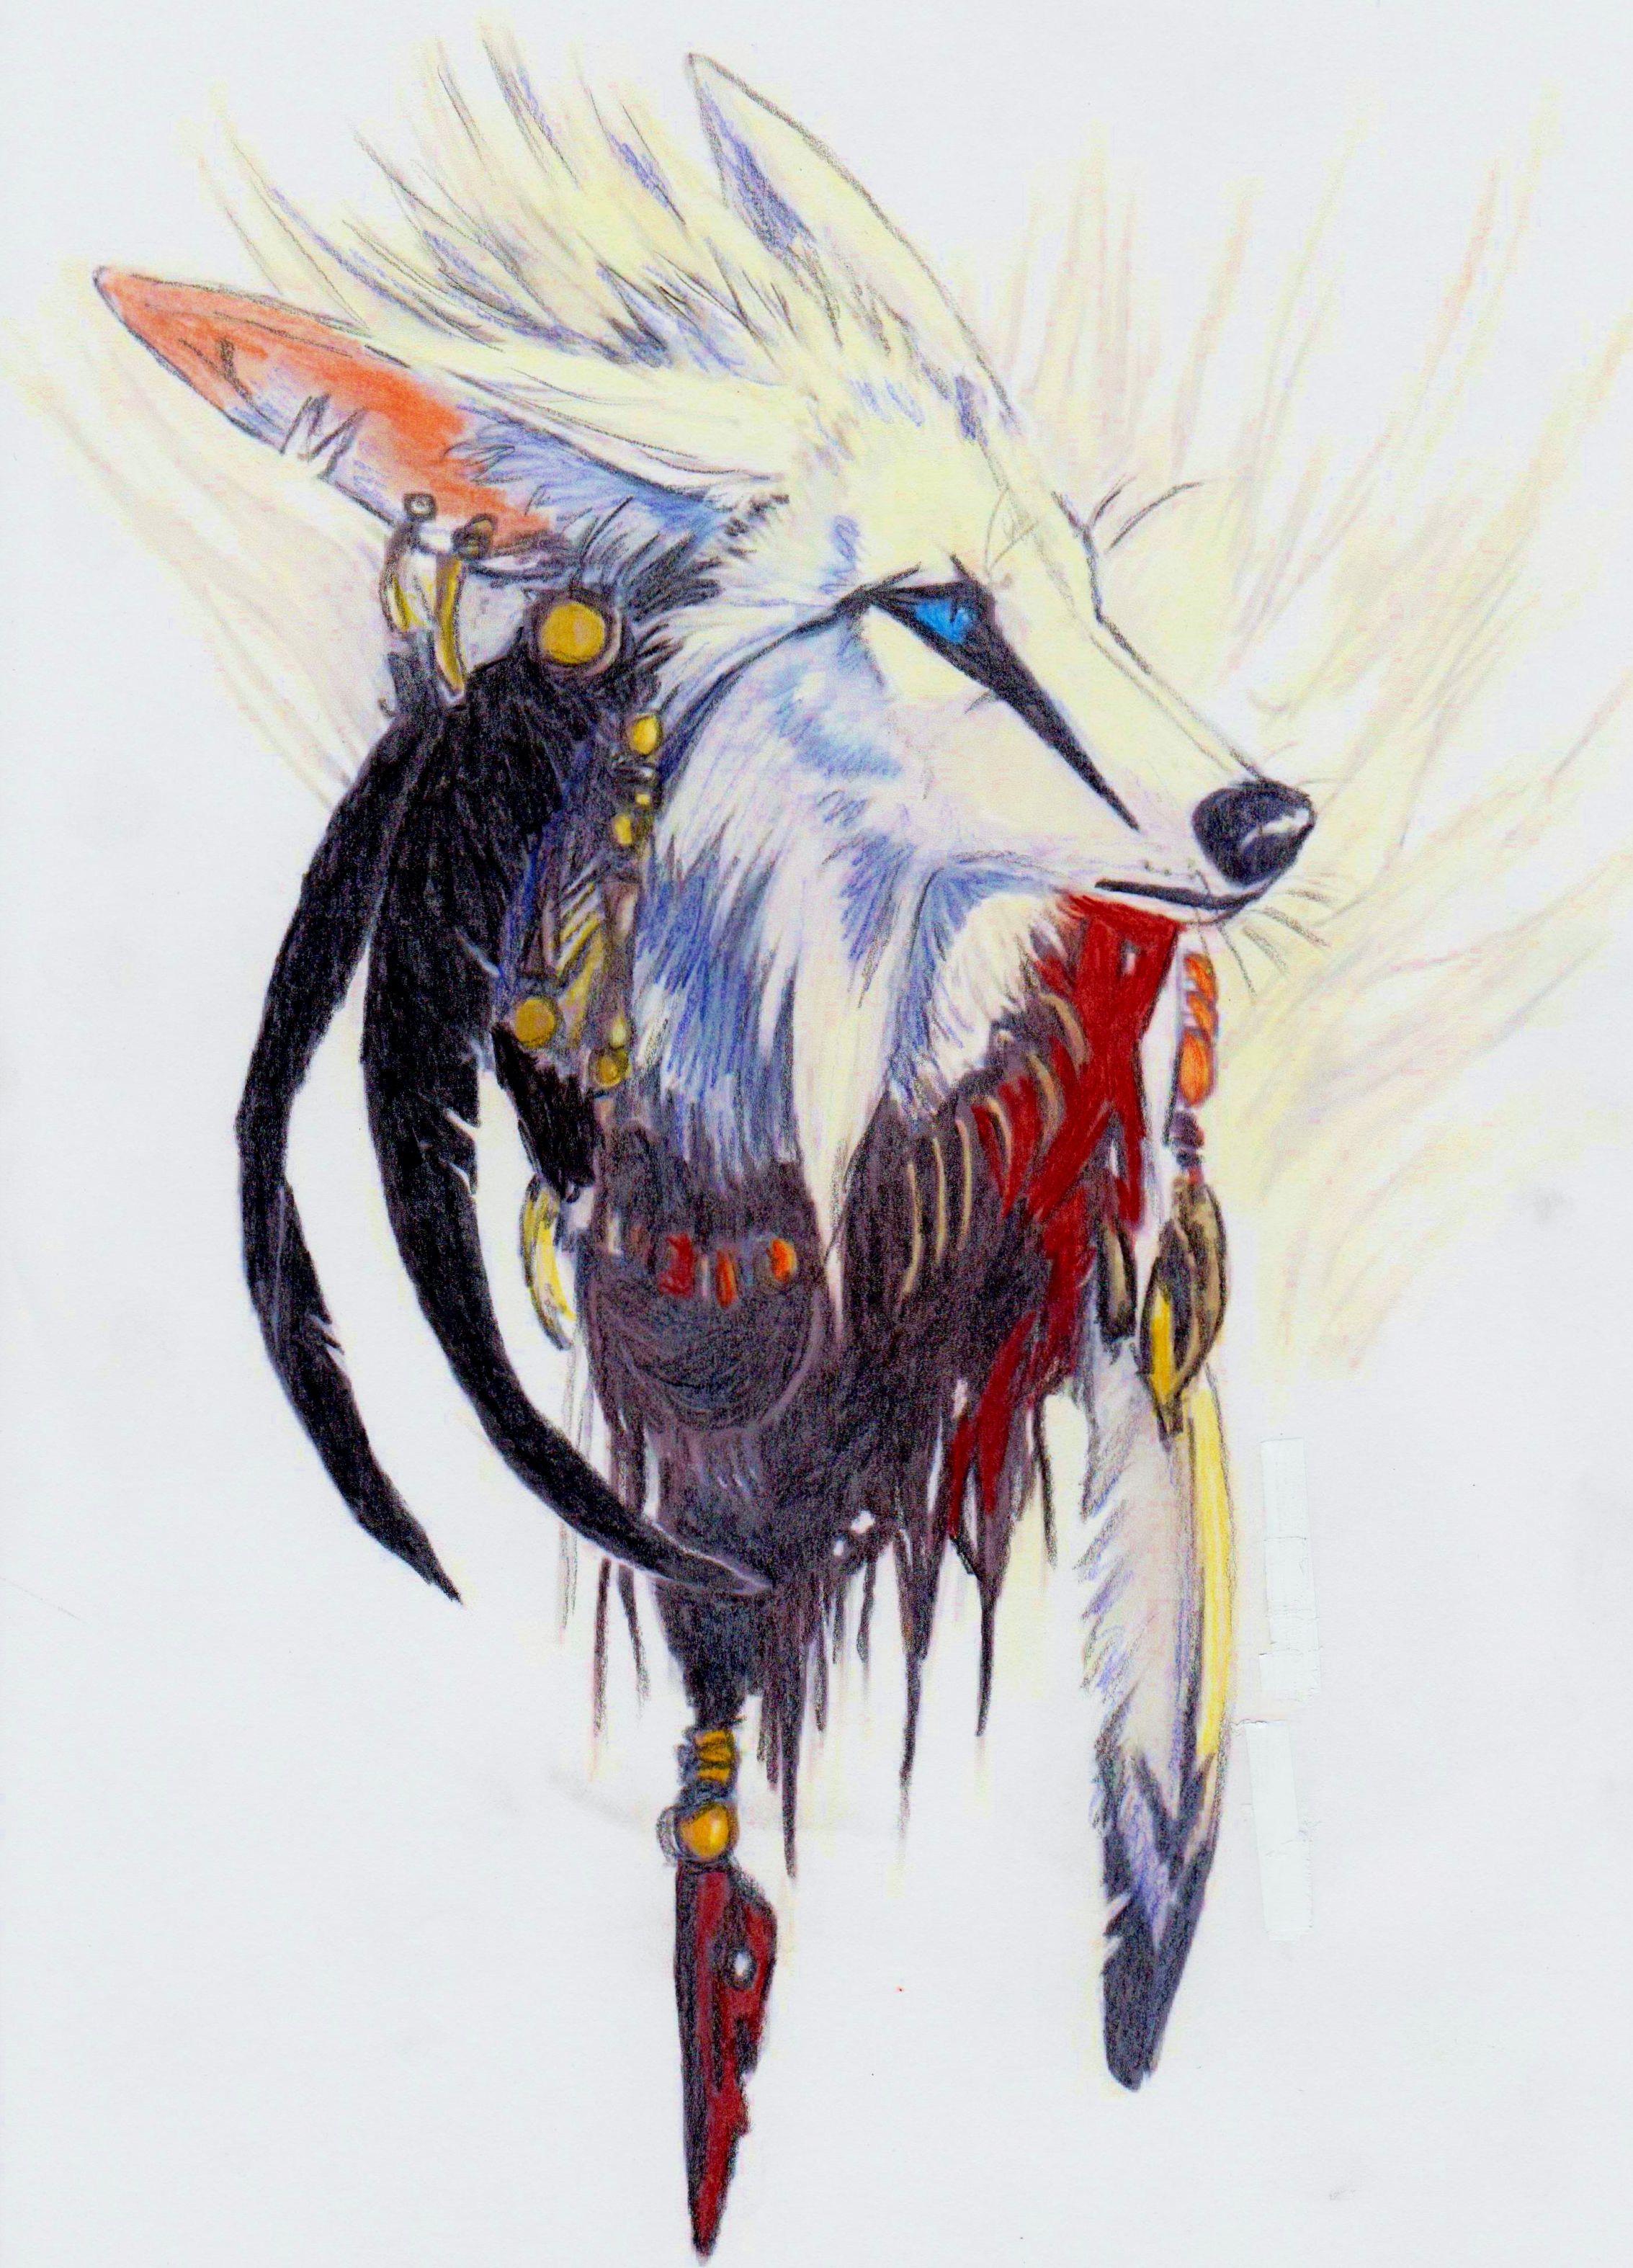 Картинка волка с перьями